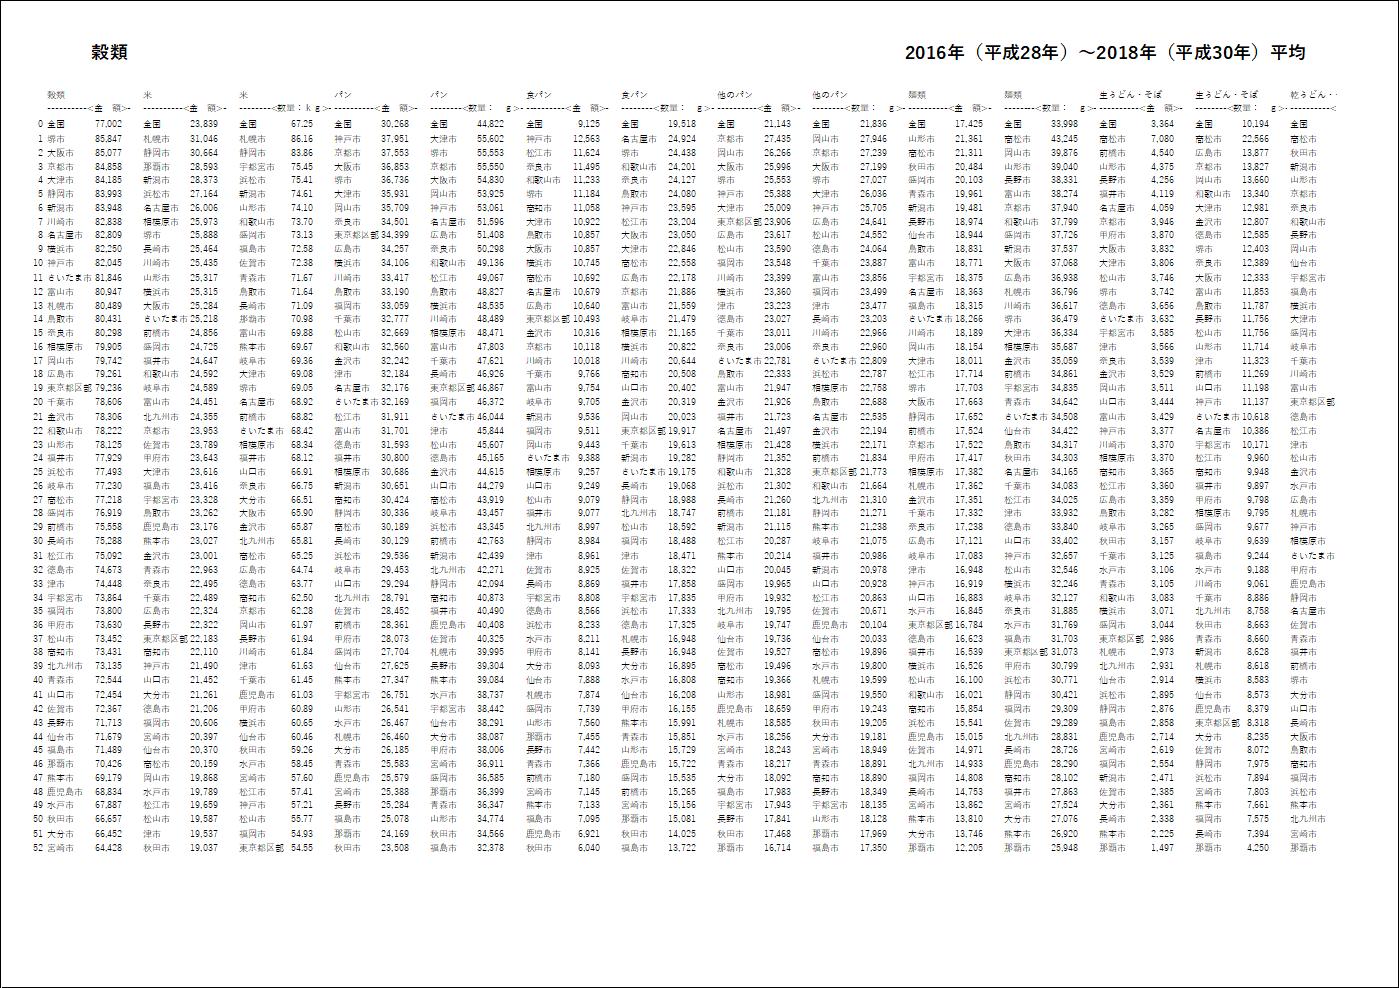 すべての行を1ページに印刷